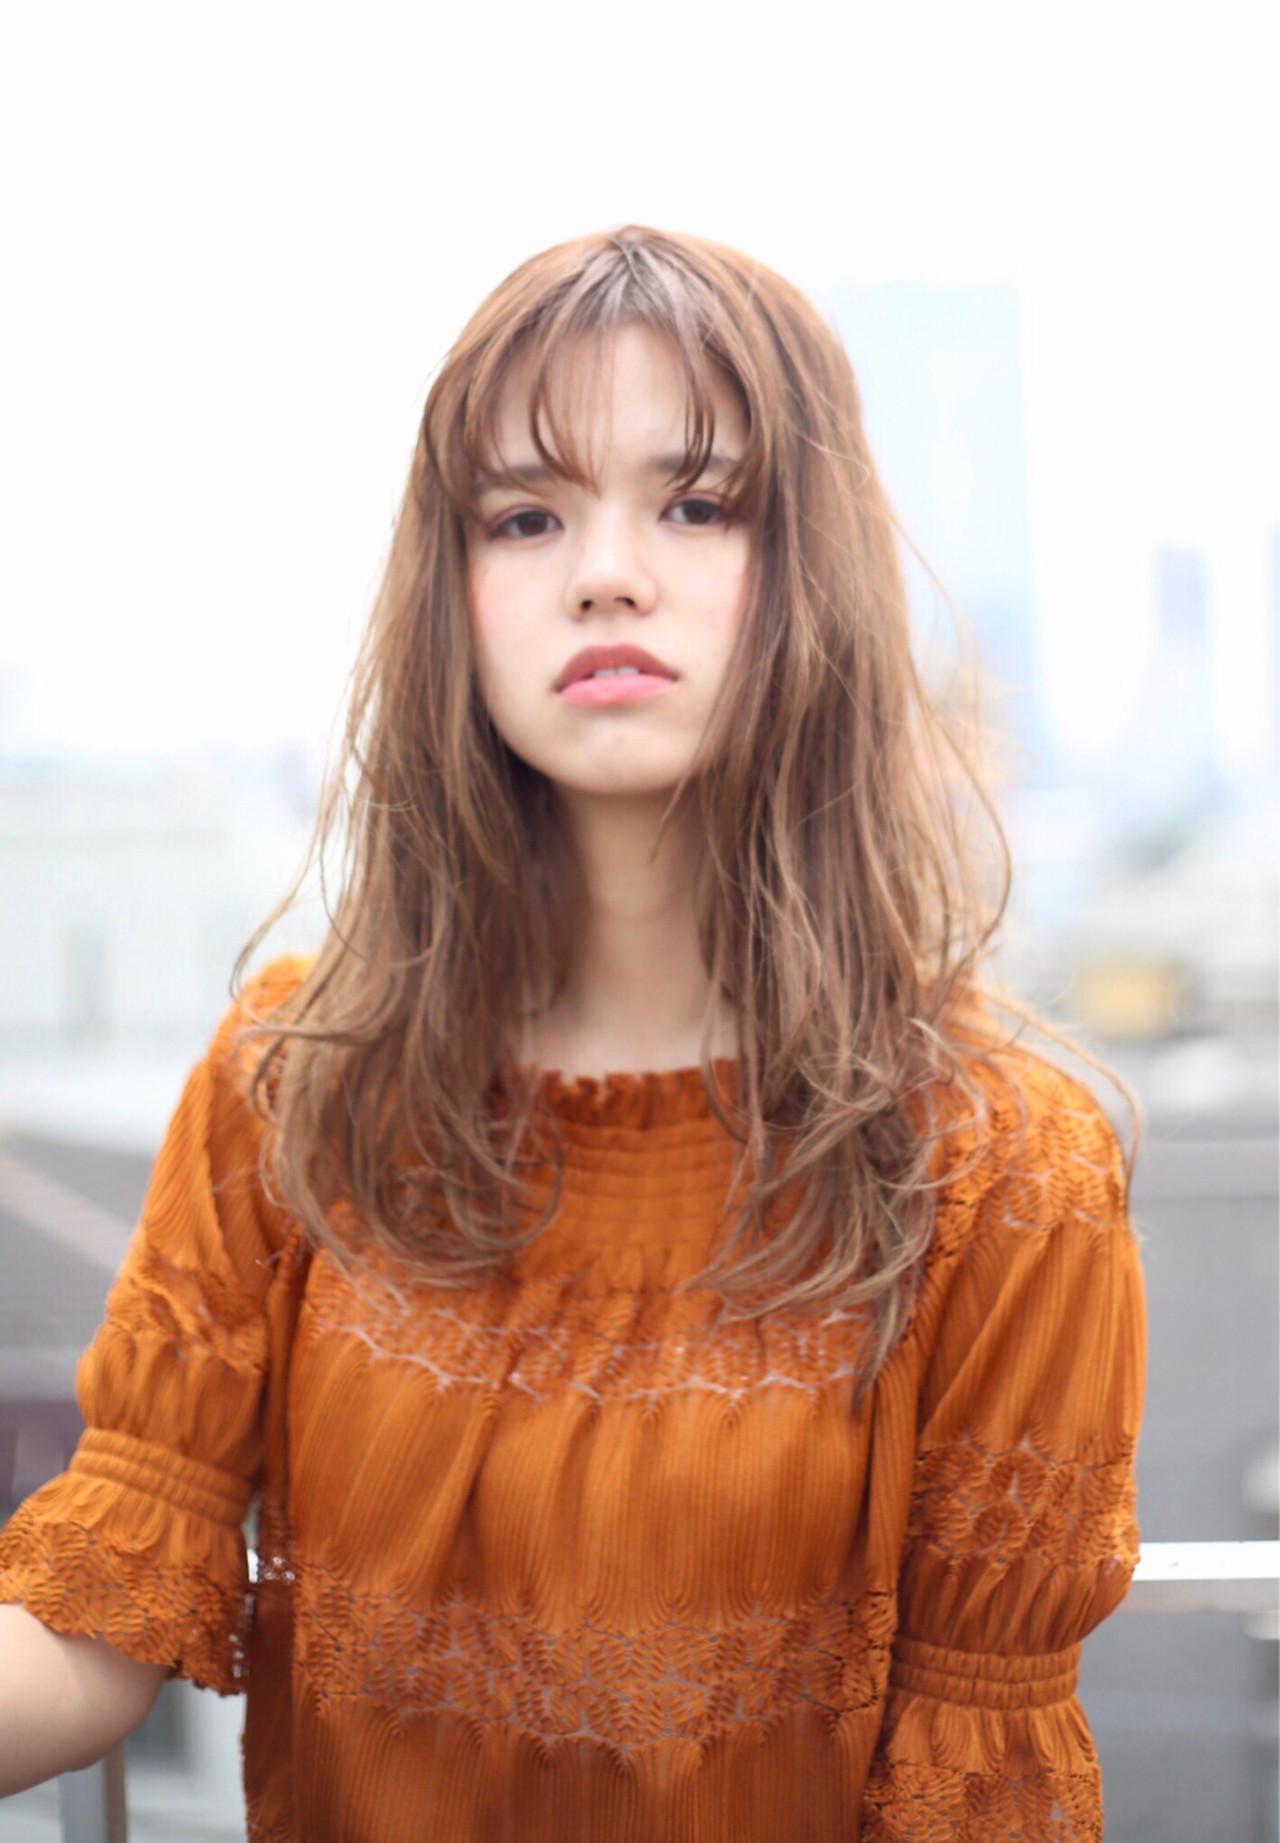 抜け感 センター分け ヘアアレンジ シースルーバング ヘアスタイルや髪型の写真・画像